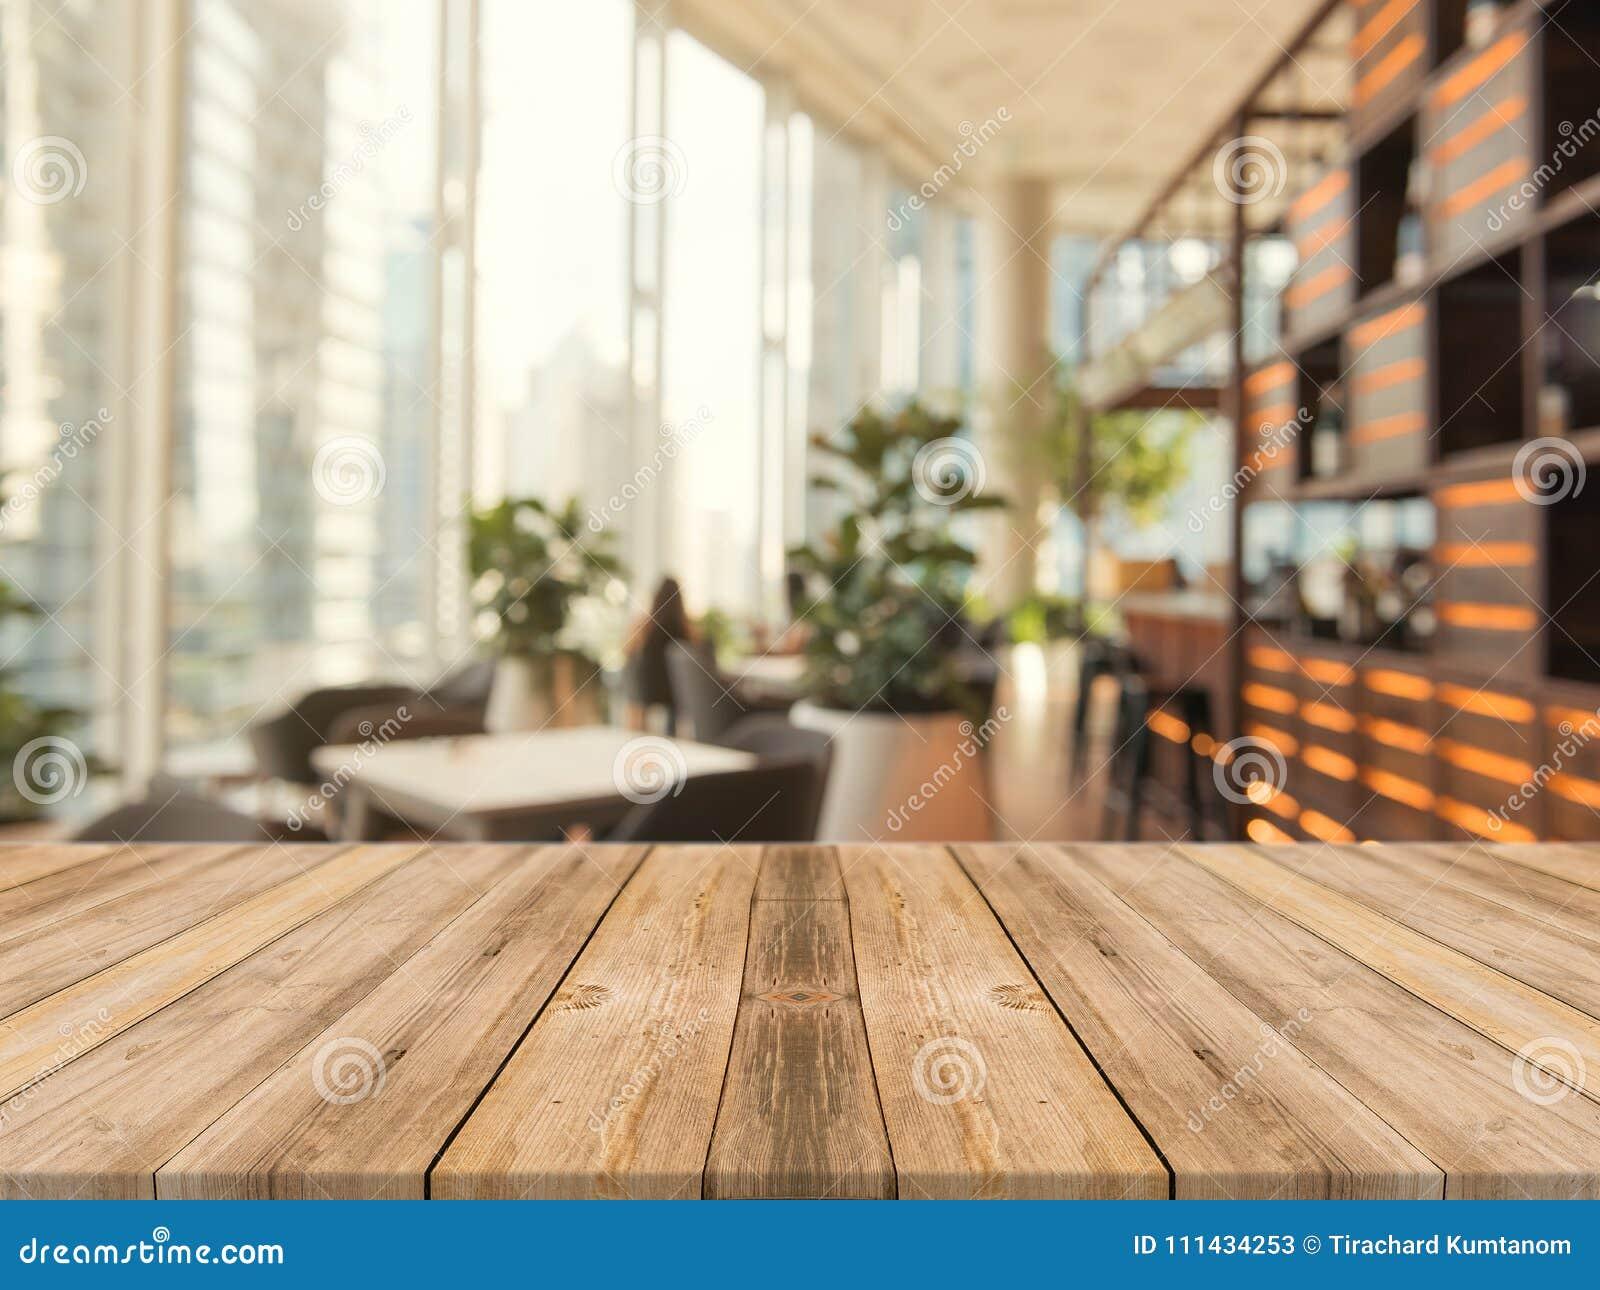 Drewnianej deski pusty stołowy wierzchołek dalej zamazany tło Perspektywiczny brown drewno stół nad plamą w sklep z kawą tle